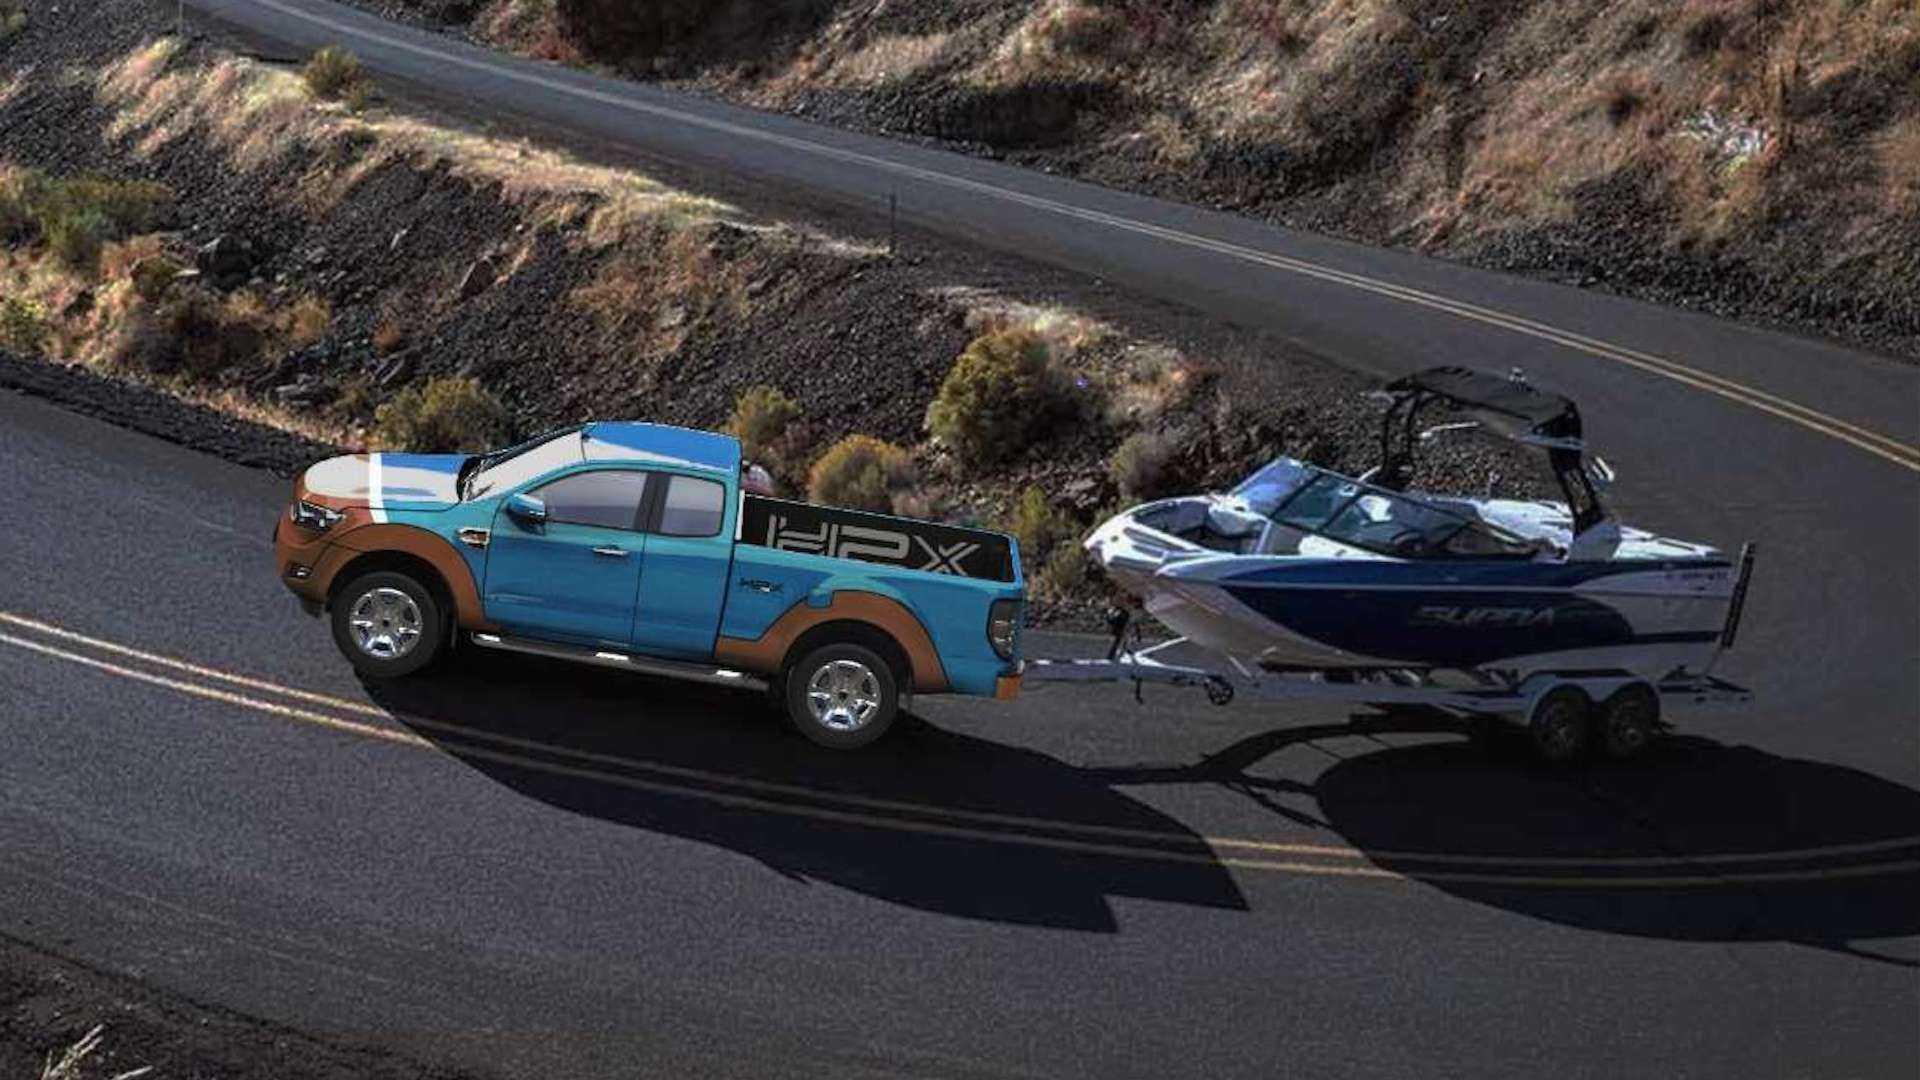 h2x-warrego-ford-ranger-hydrogen-fcev-1